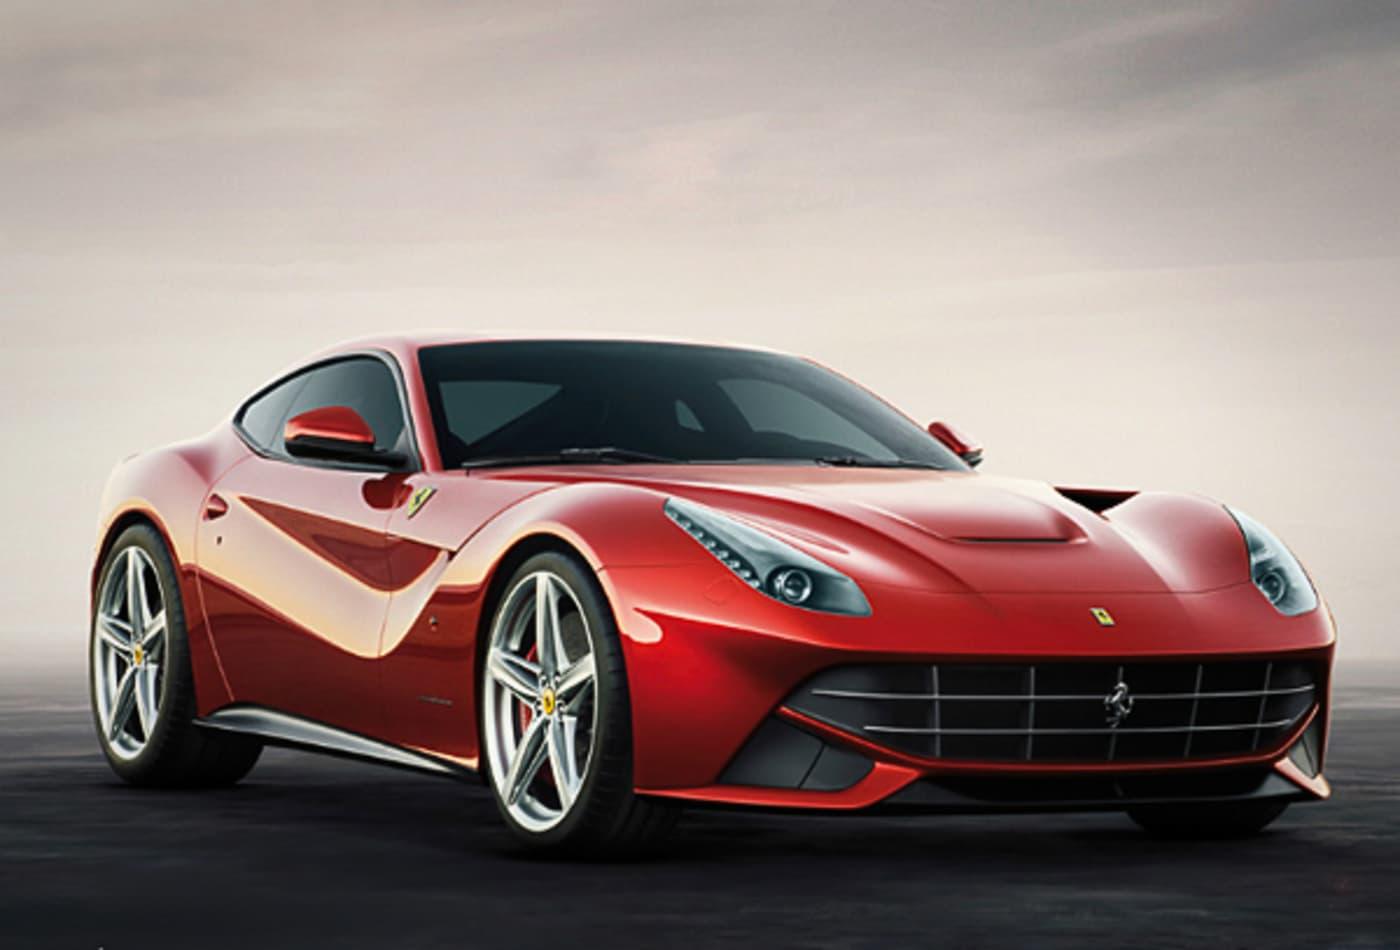 Ferrari-F12-Berlinetta-10-Fastest-Cars-2013-CNBC.jpg